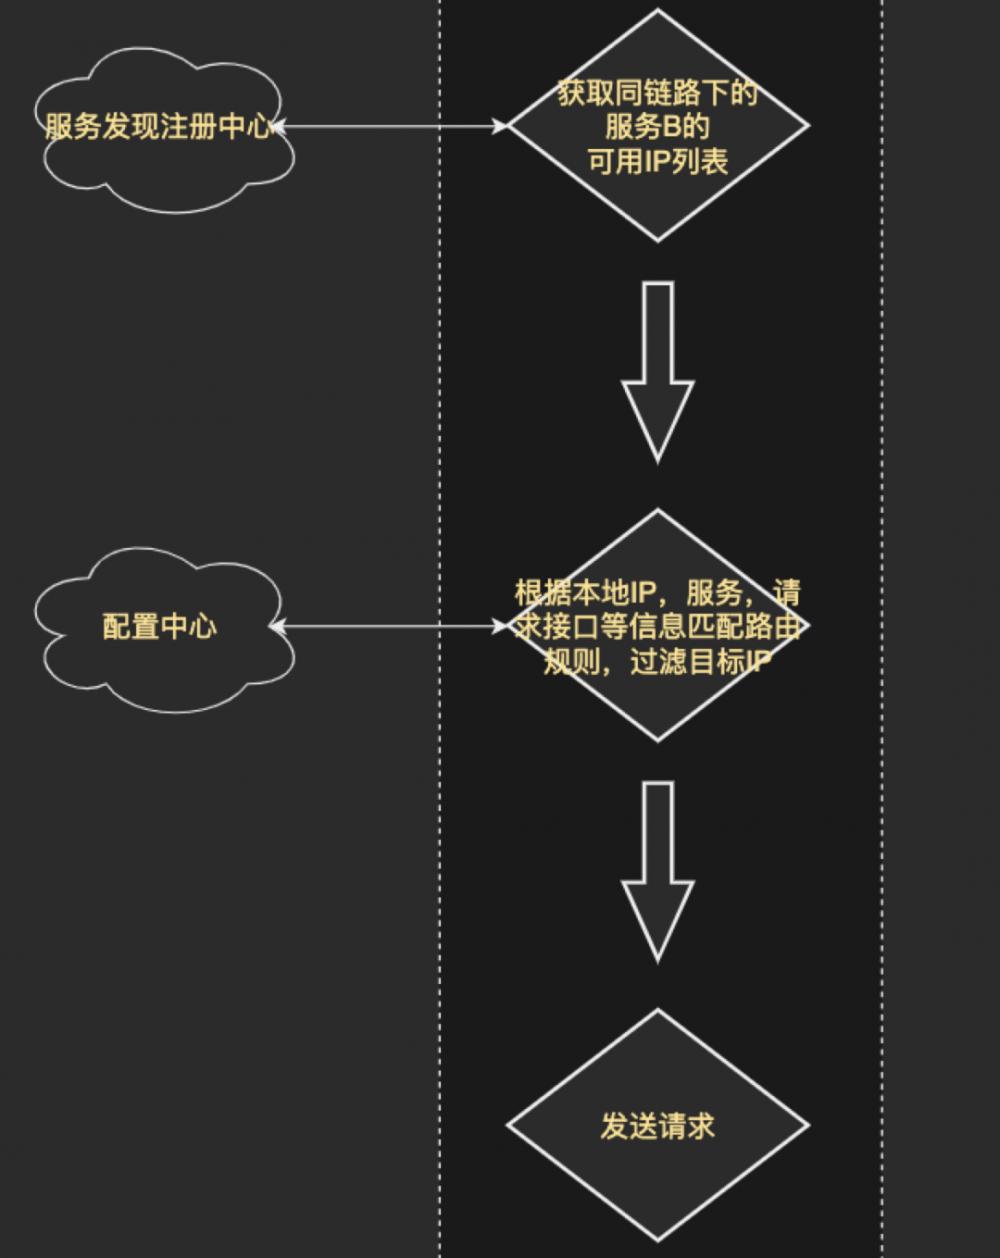 羽量级实现灵活通用的微服务流量分发